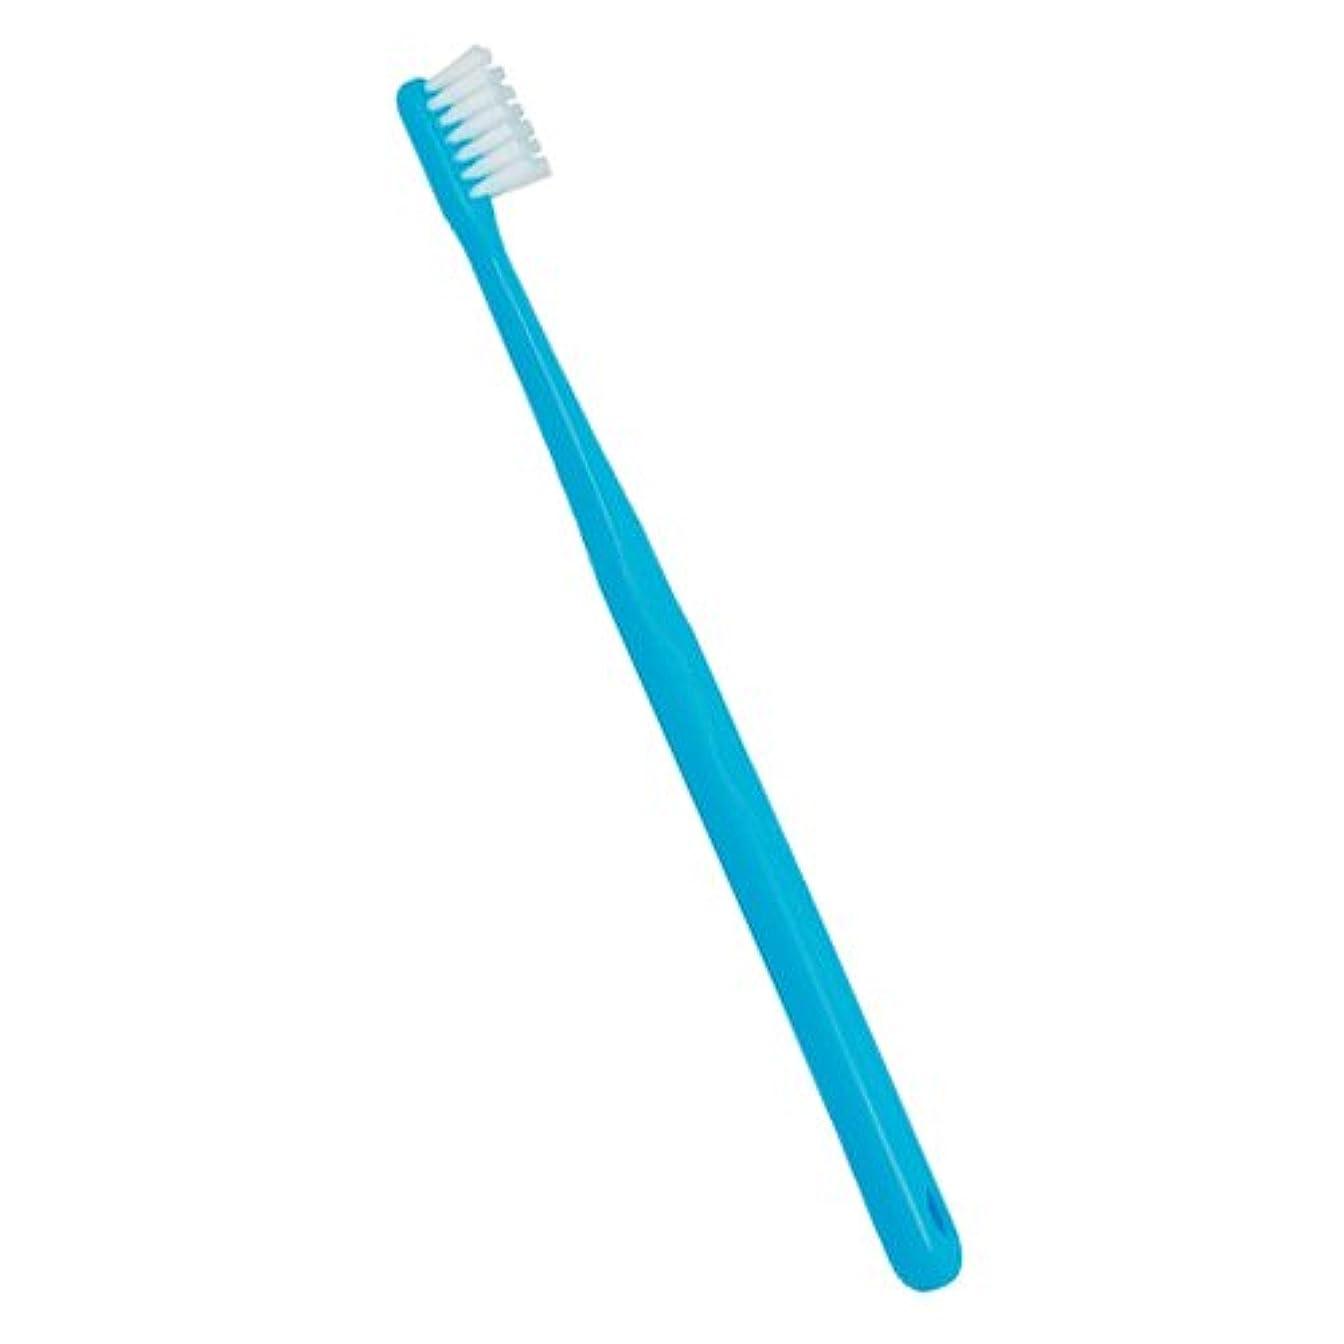 好む徹底公使館Ciメディカル 歯ブラシ Ci702(フラットタイプ) 1本(M ふつう(ブルー))